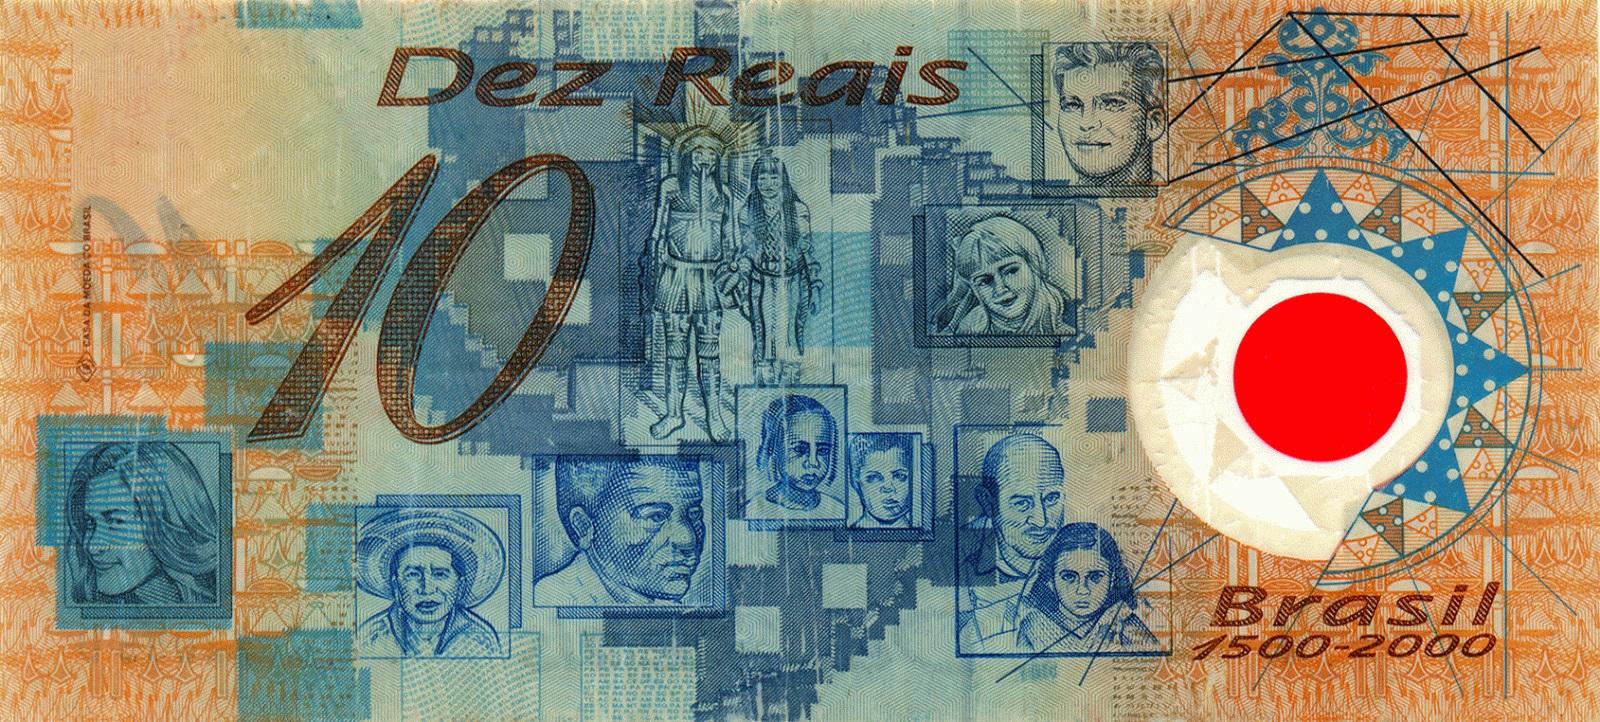 Verso da cédula de R$ 10 de plástico. Crédito: Divulgação | Banco Central